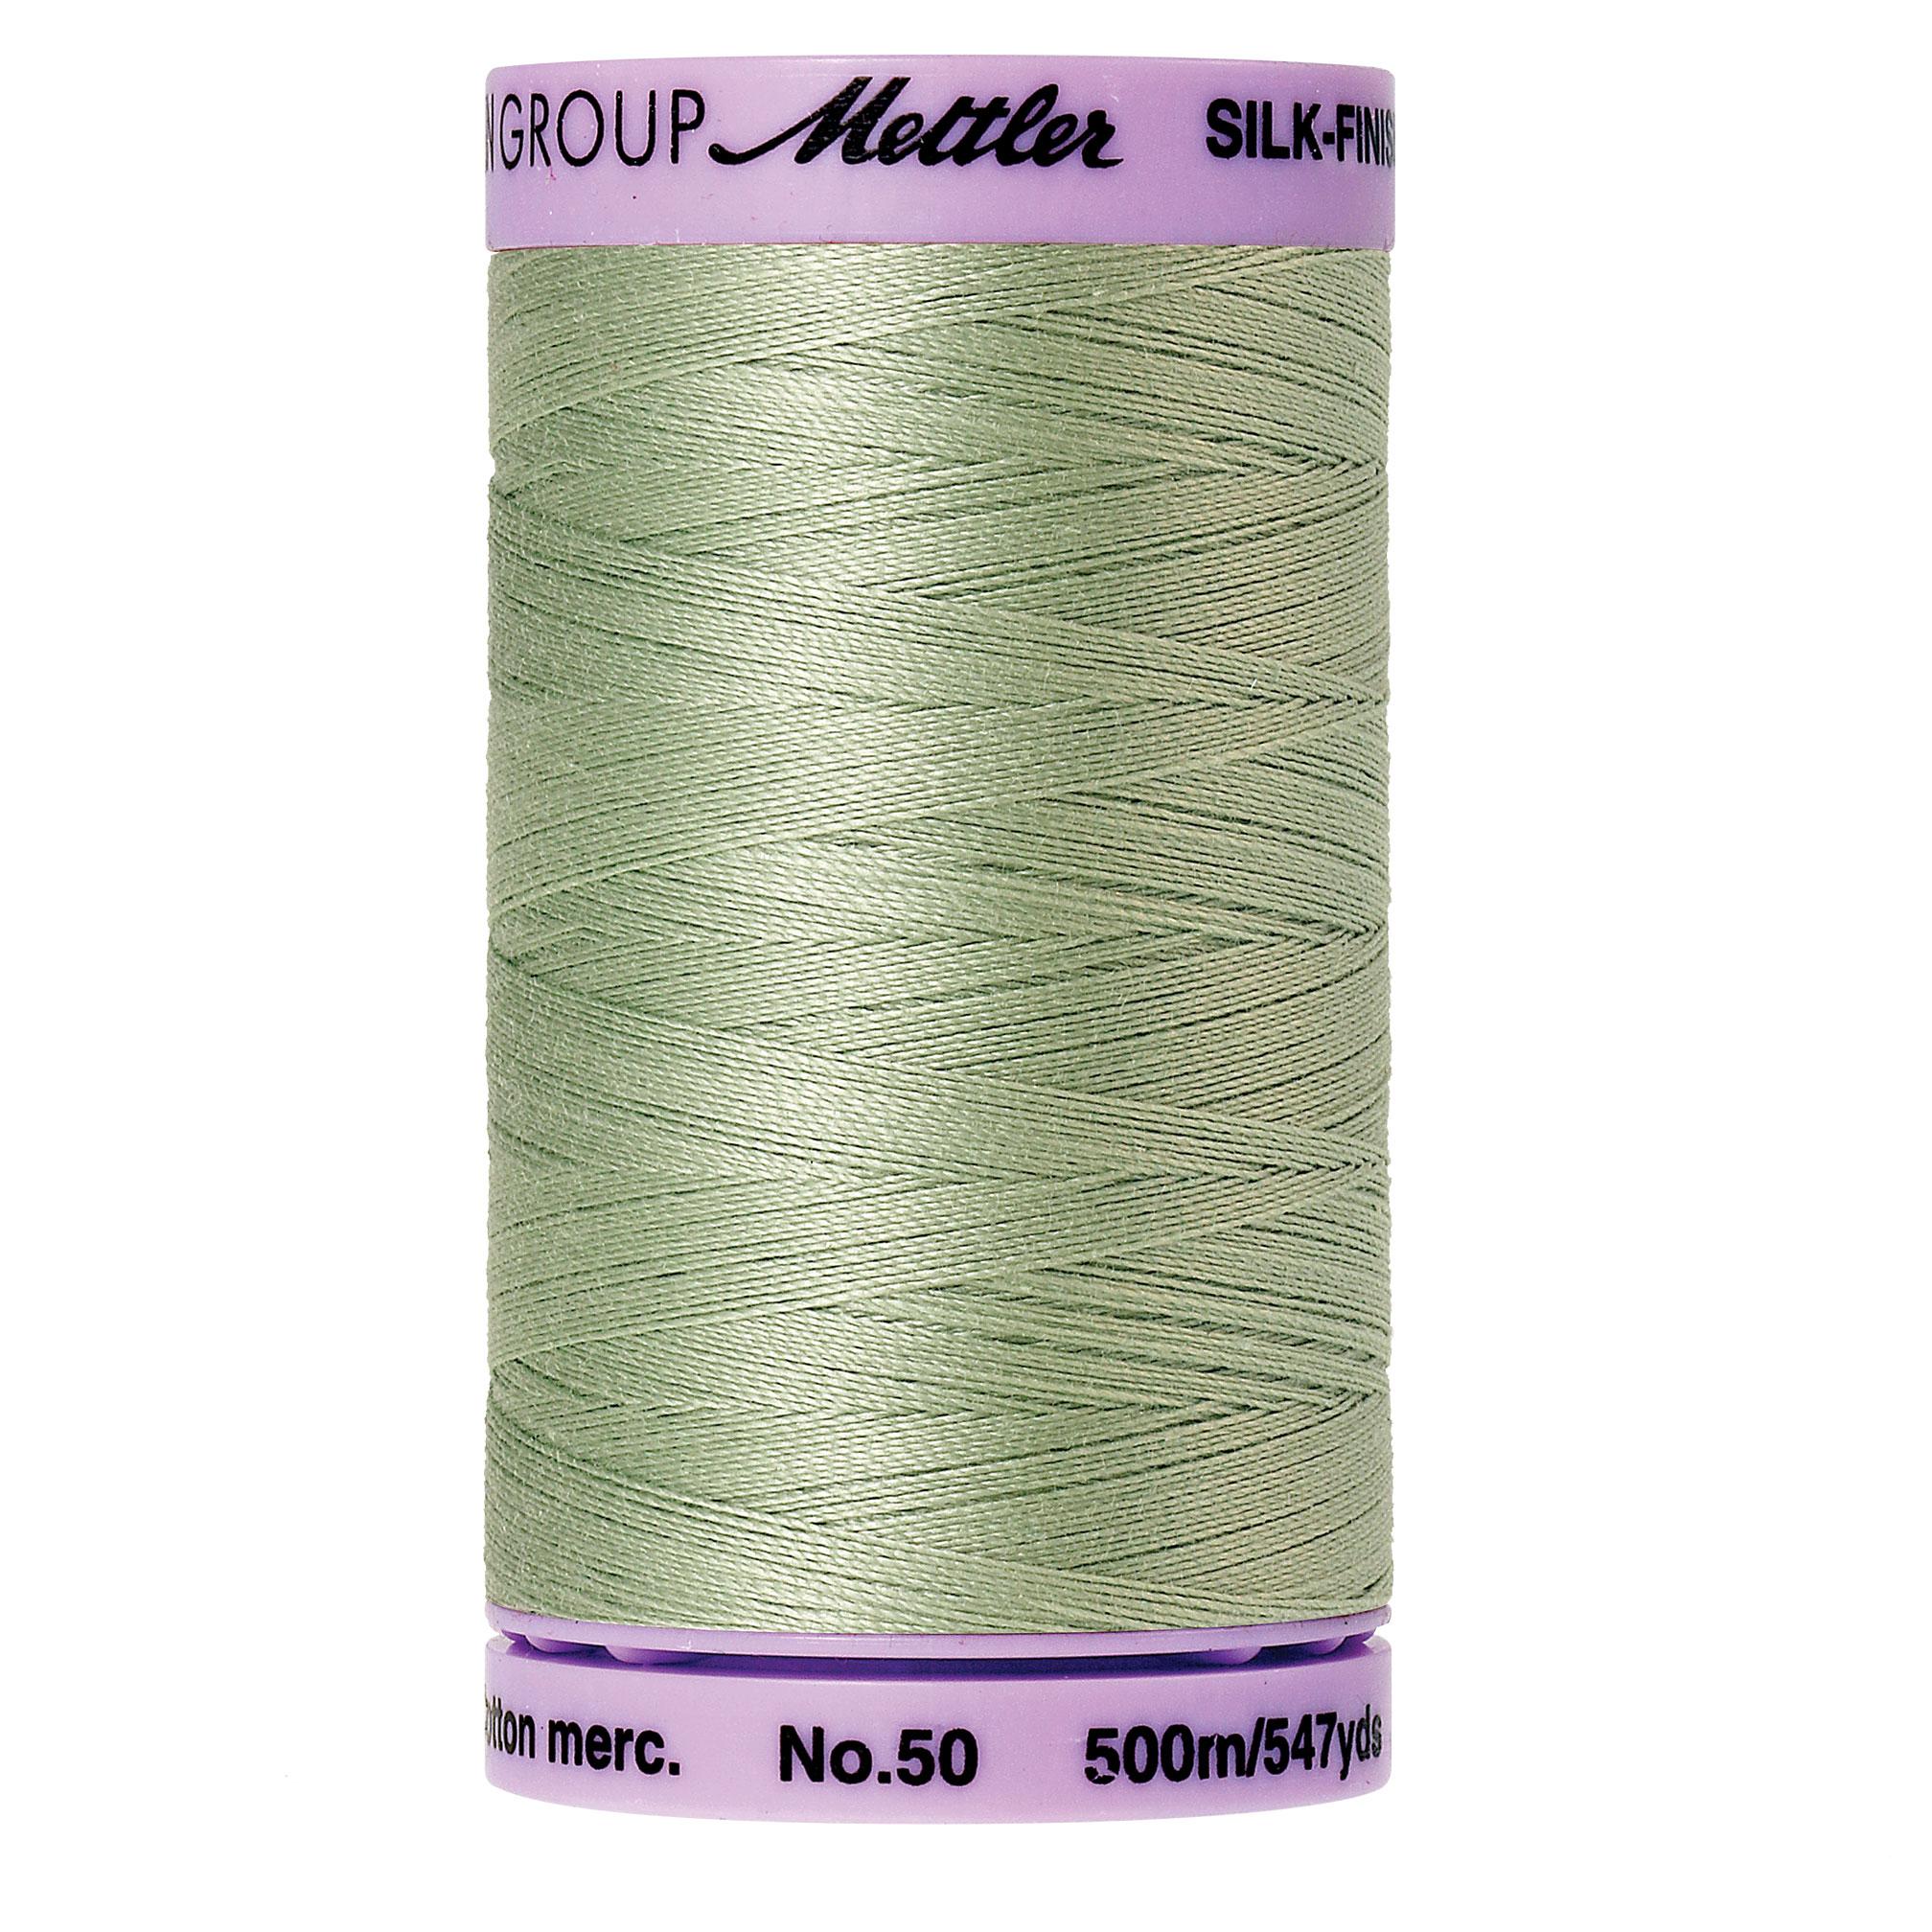 Mettler Silk-Finish 50wt Cotton Thread #536 Spanish Moss 547yds